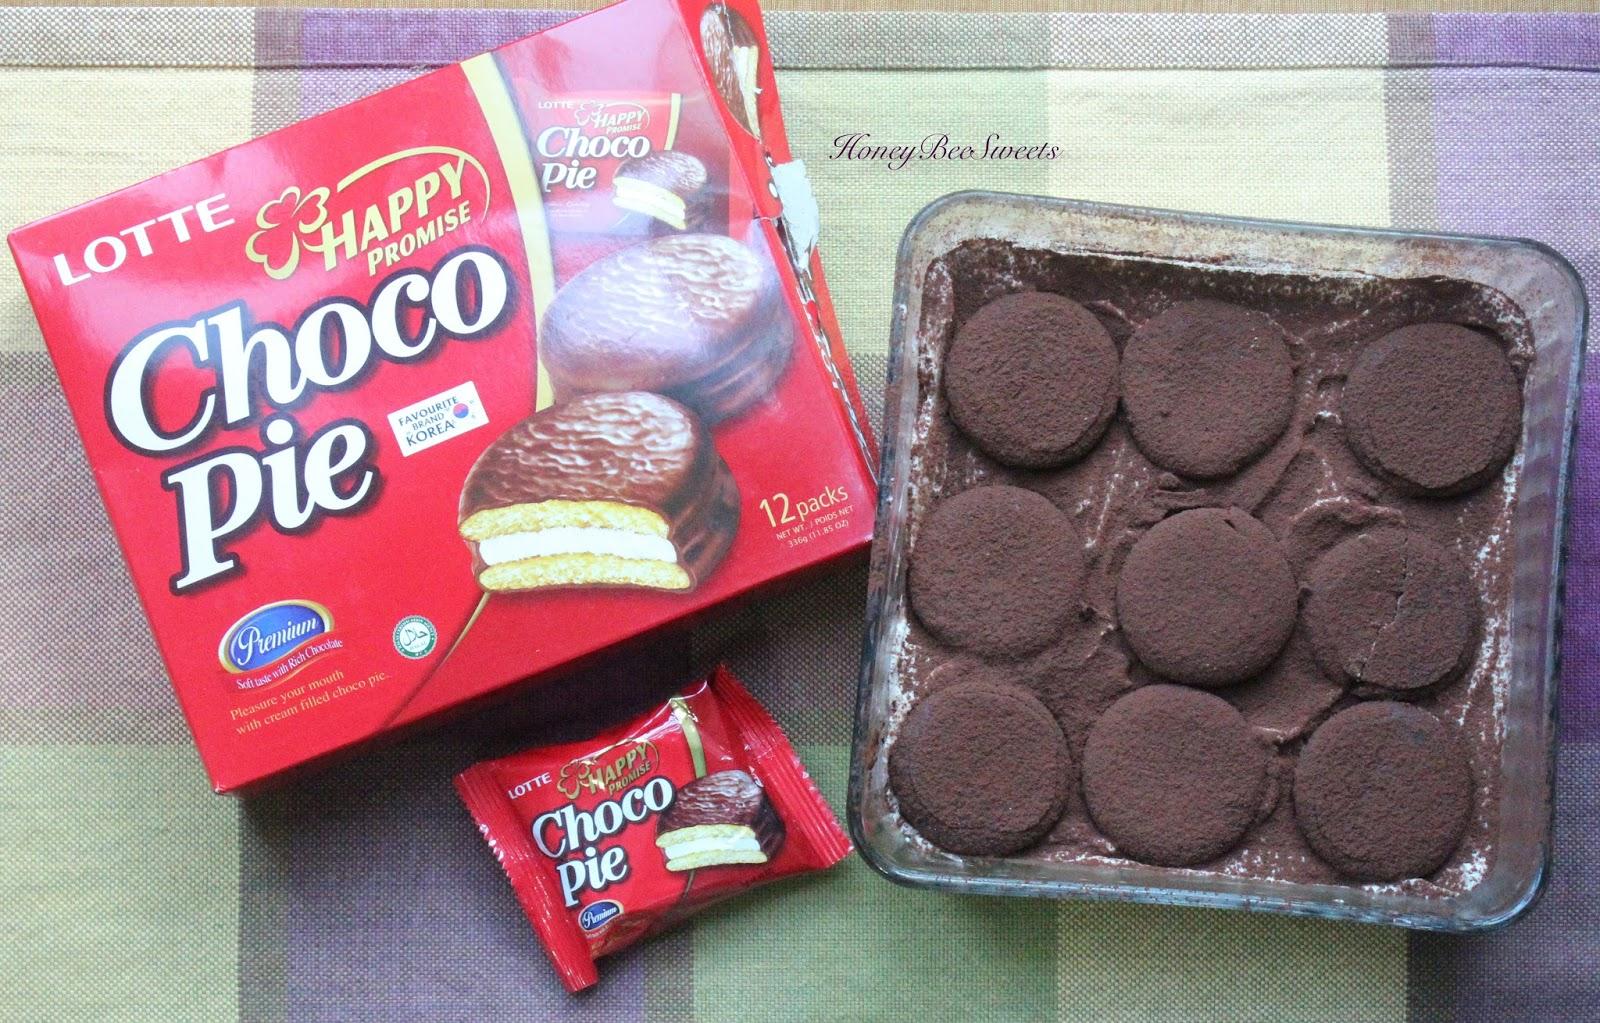 Easy Tiramisu With Lotte Choco Pie